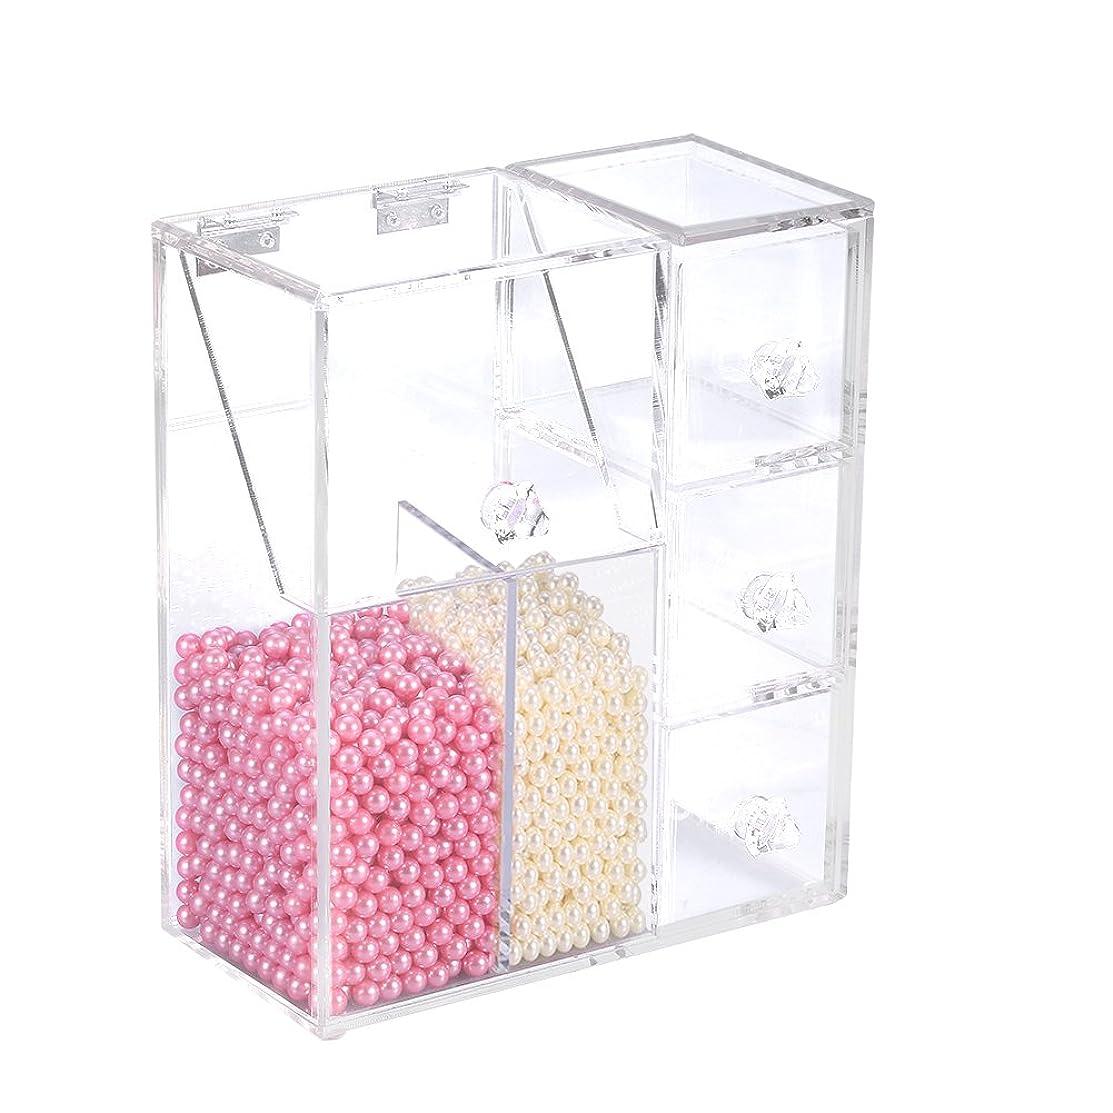 こどもの日必要性優勢クリアアクリル化粧ブラシ収納ボックスホルダー化粧品オーガナイザーコンテナケースラック